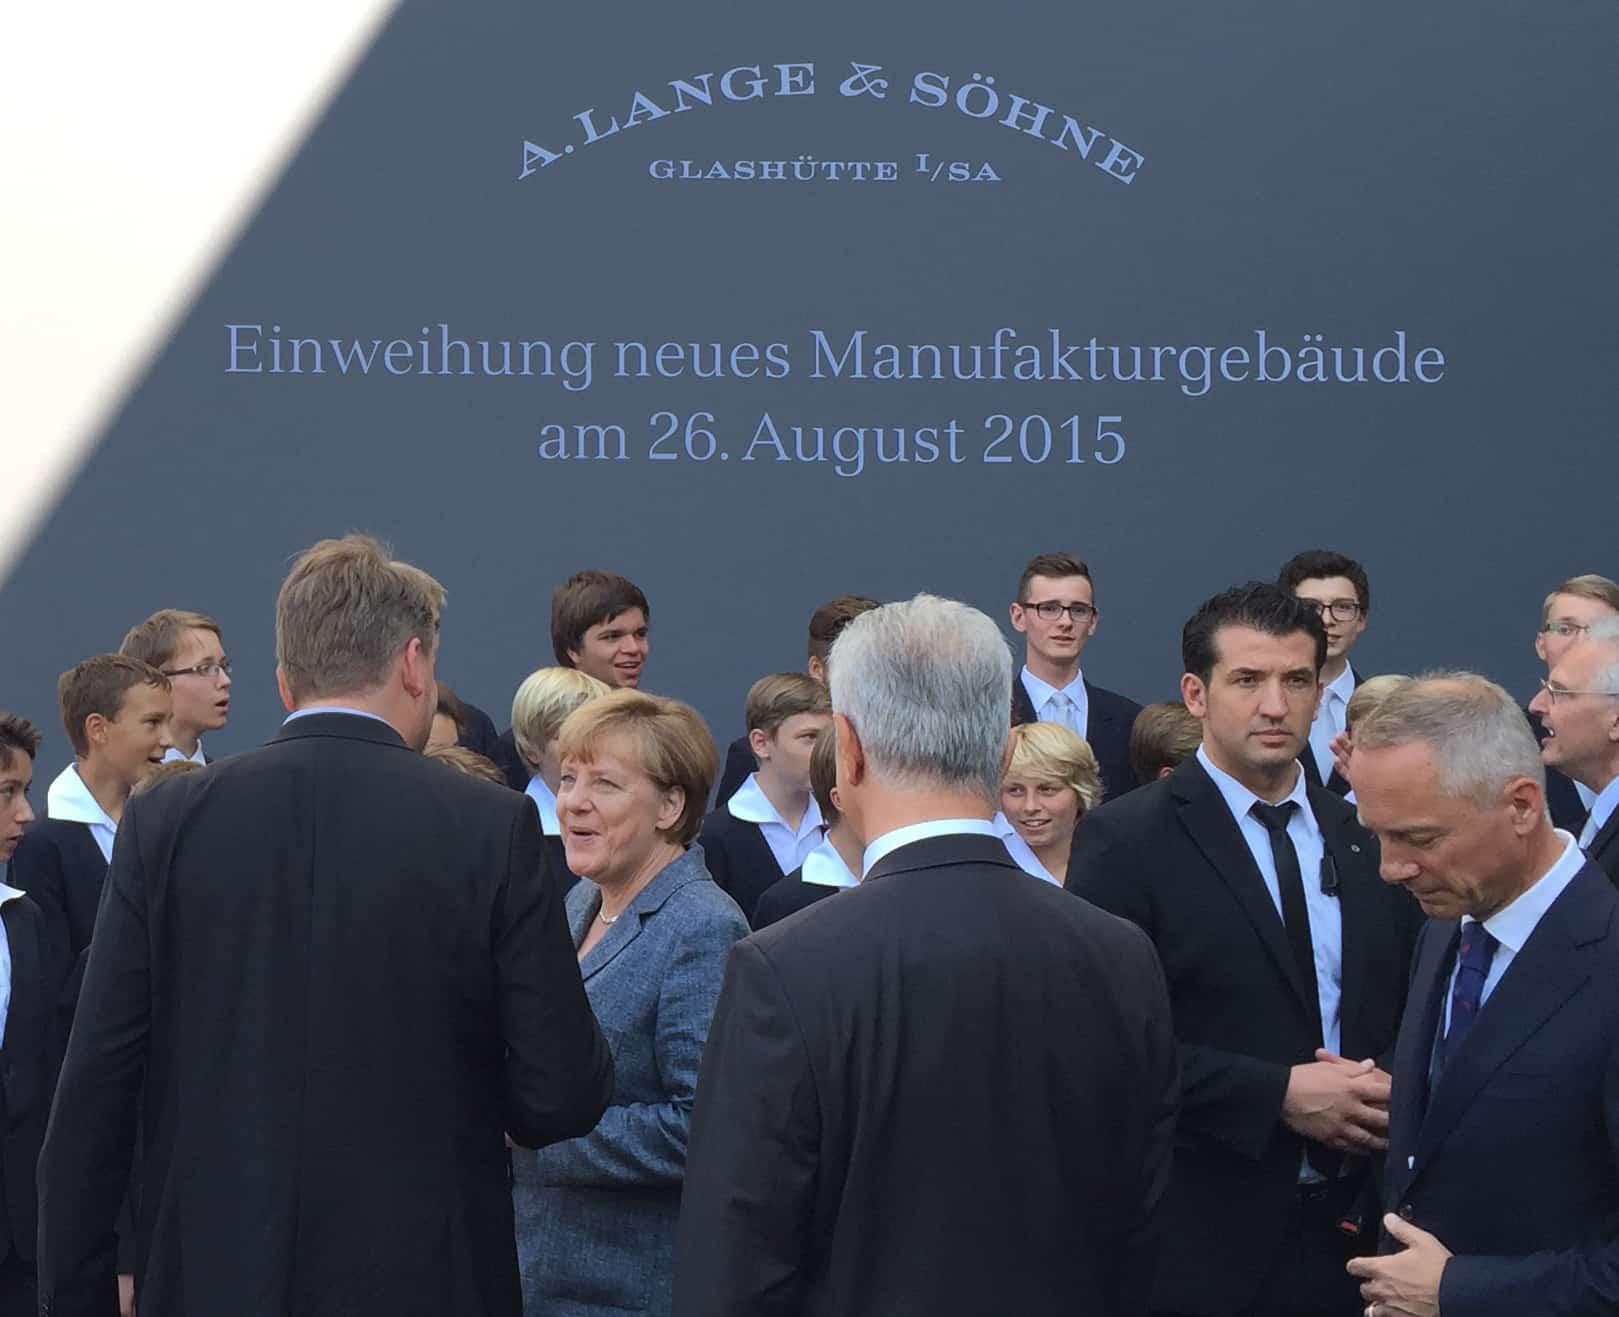 Die deutsche Bundeskanzlerin im August 2015 bei A. Lange & Söhne